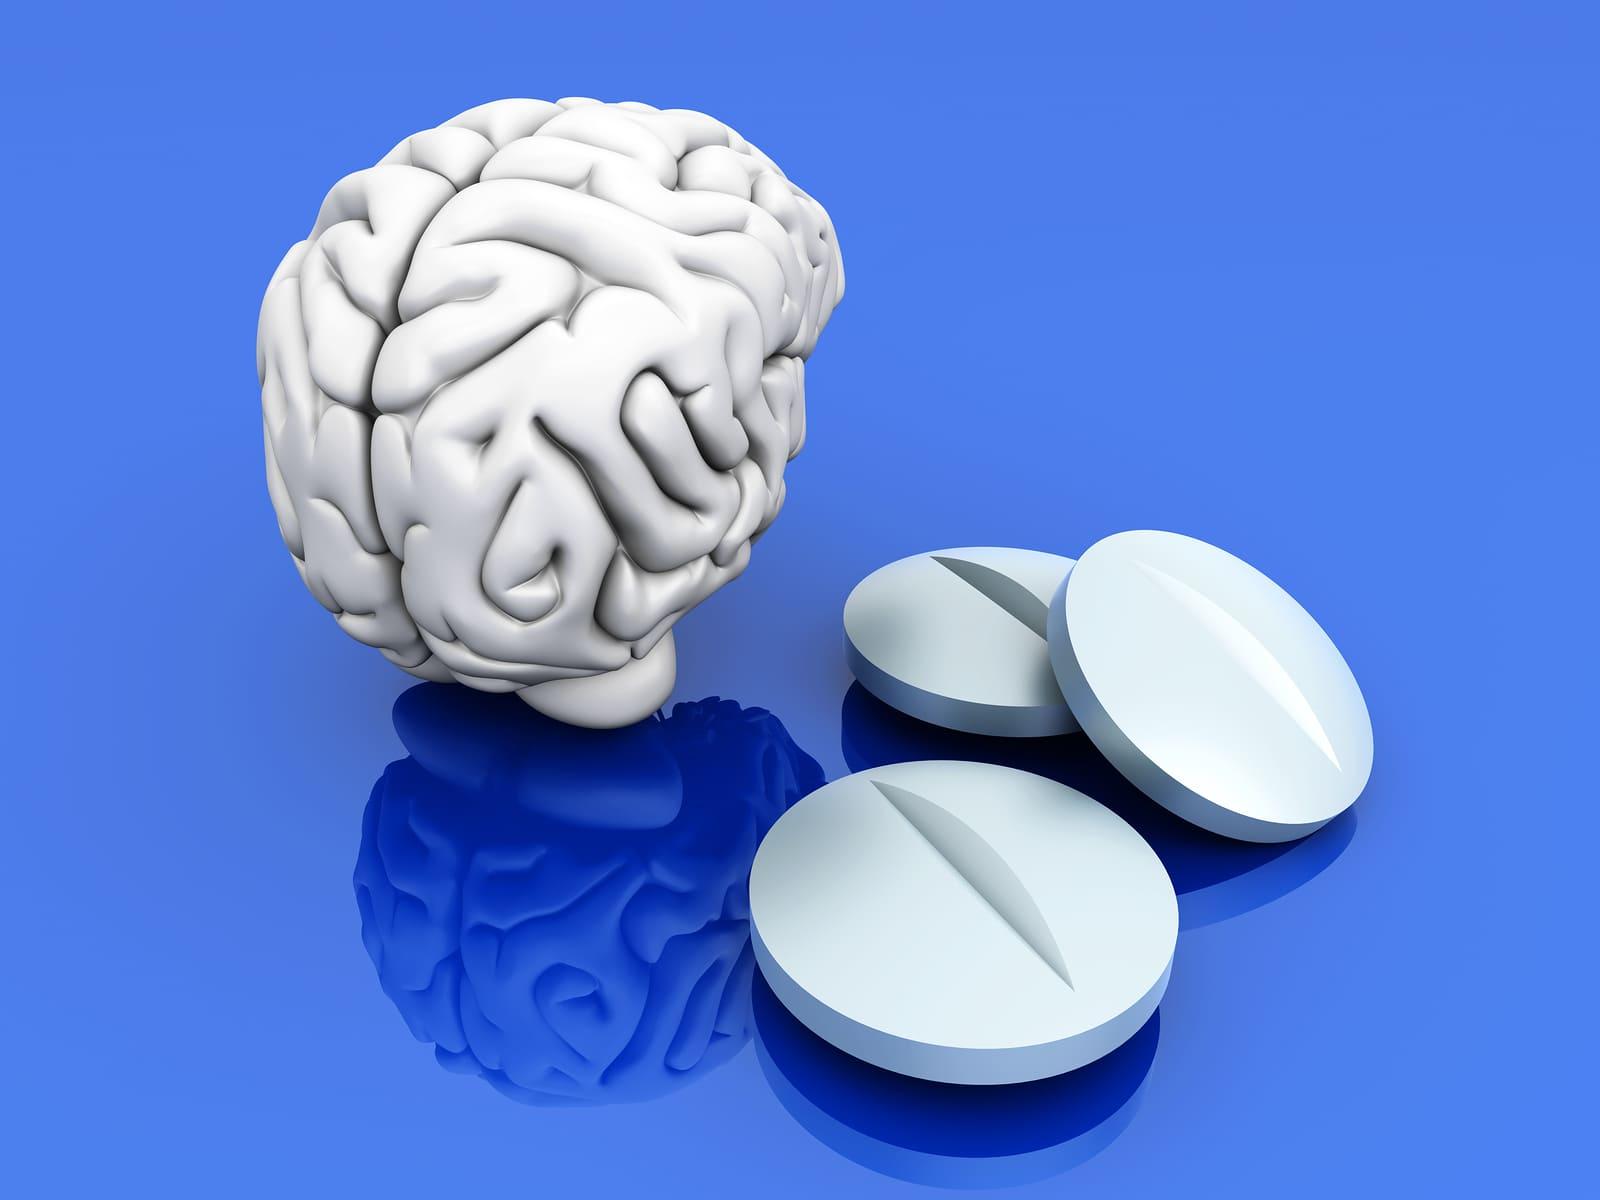 Алкагольі лекі. Як транквілізатары ўплываюць на мозг.